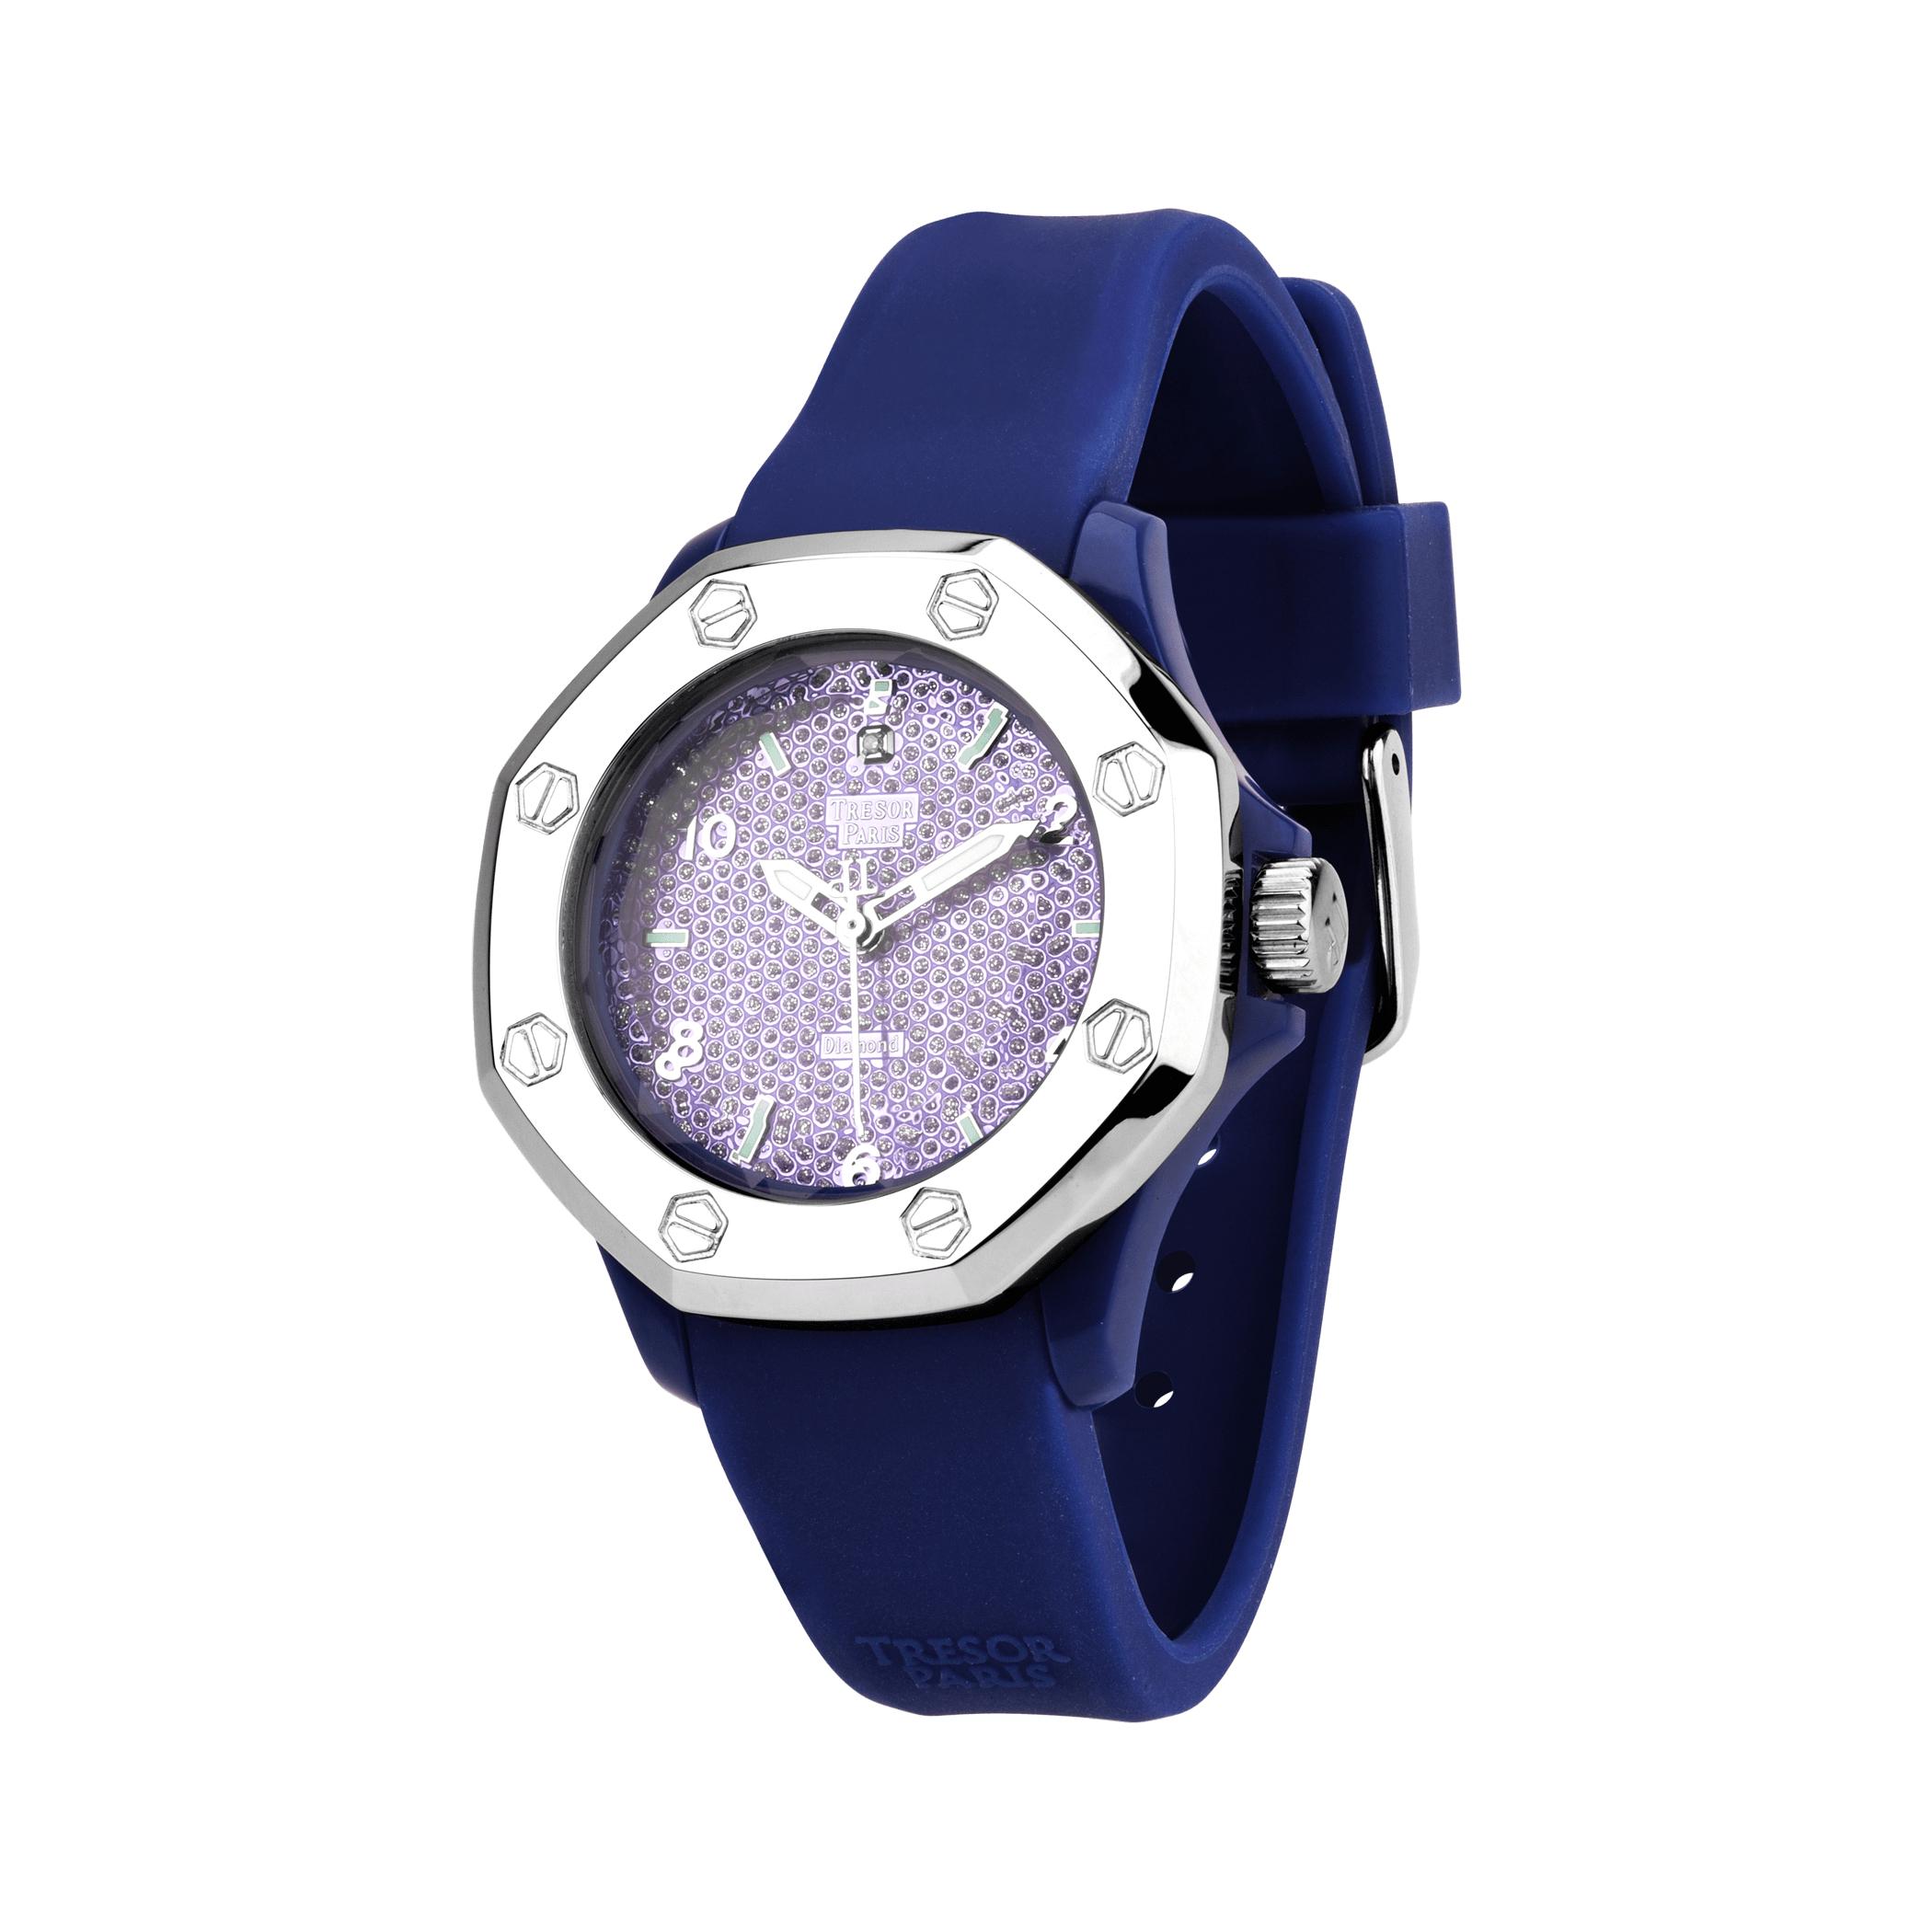 65% off Tresor Paris Diamond and Silicone Watch £34.65 @ Tresor Paris